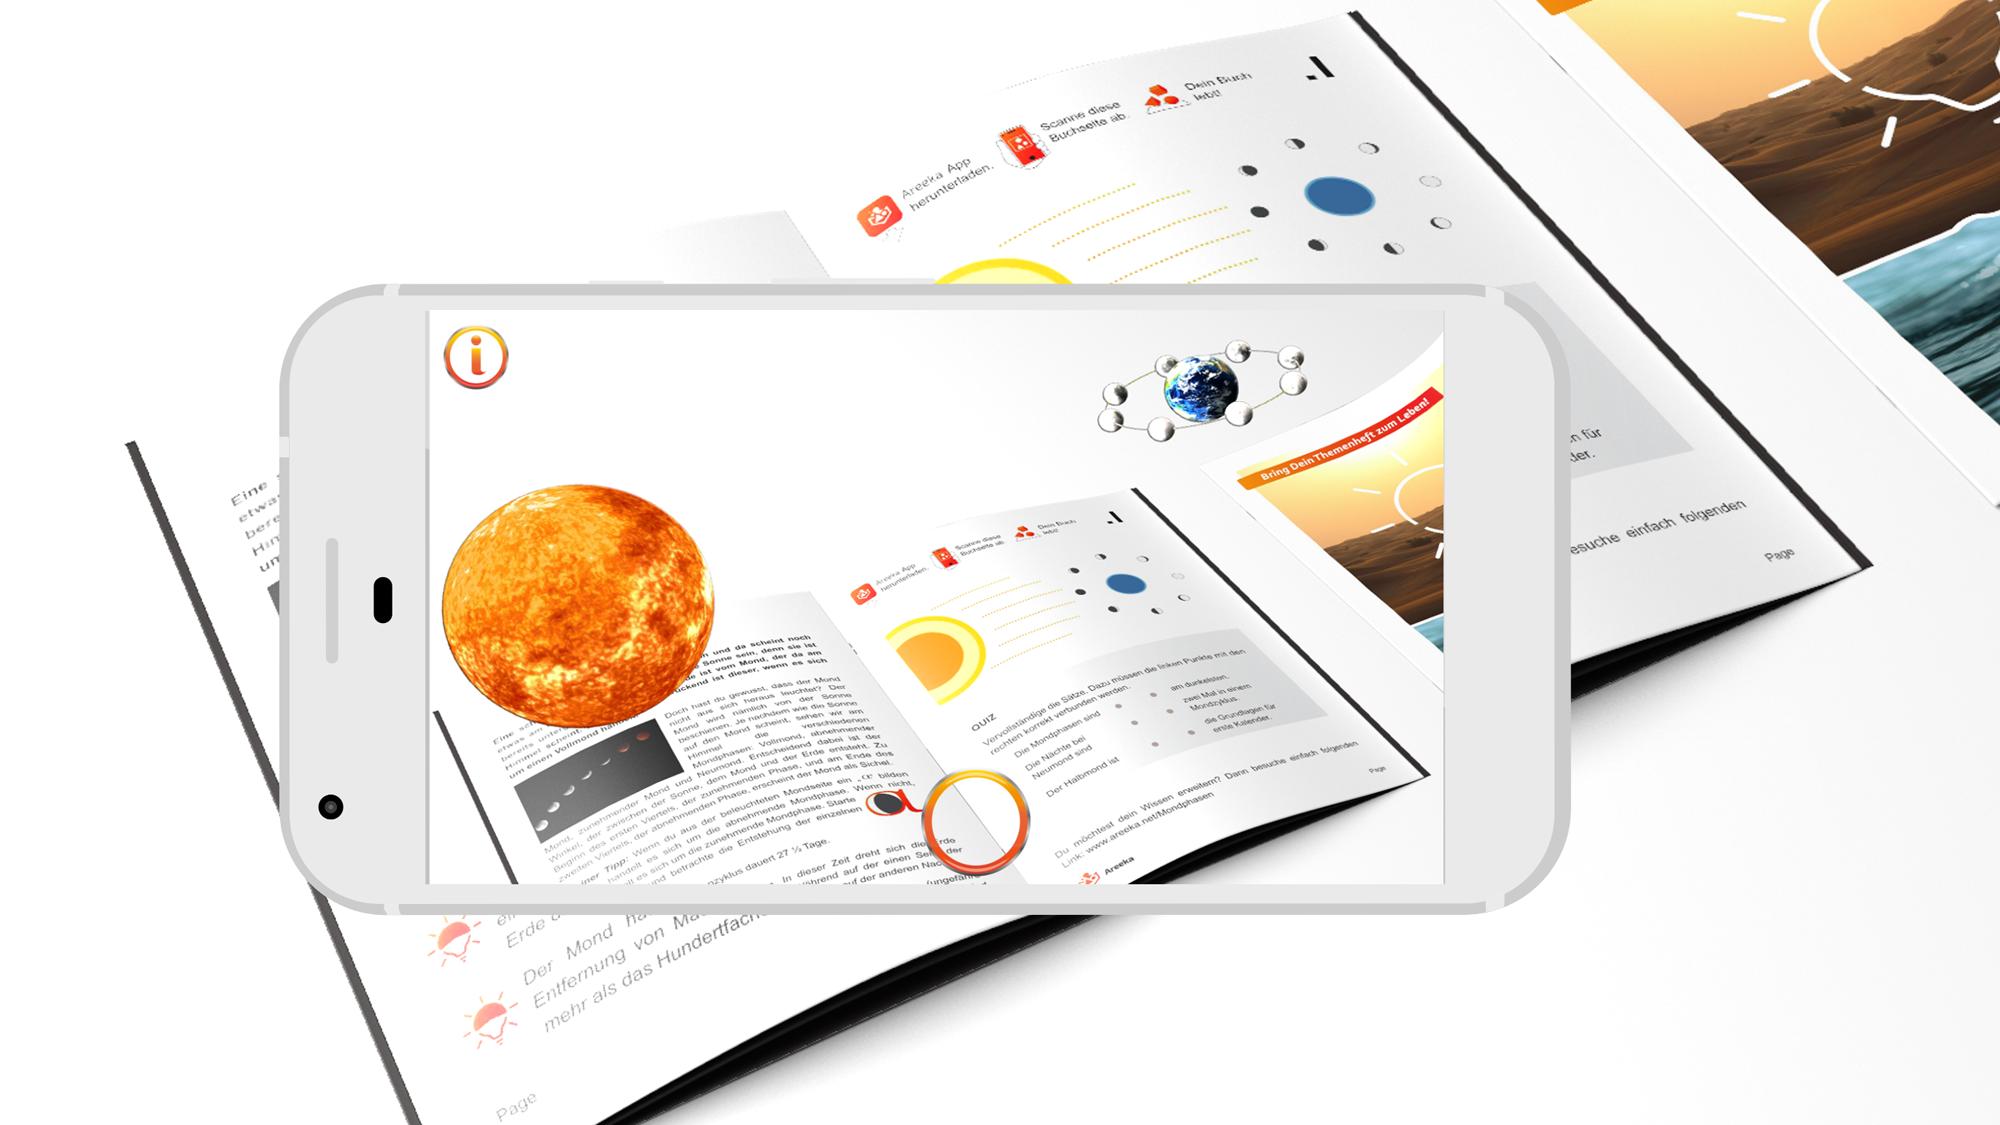 Das Areeka-Themenheft Licht und Wasser zeigt in der App zum Beispiel animierte Planeten. © Amlogy